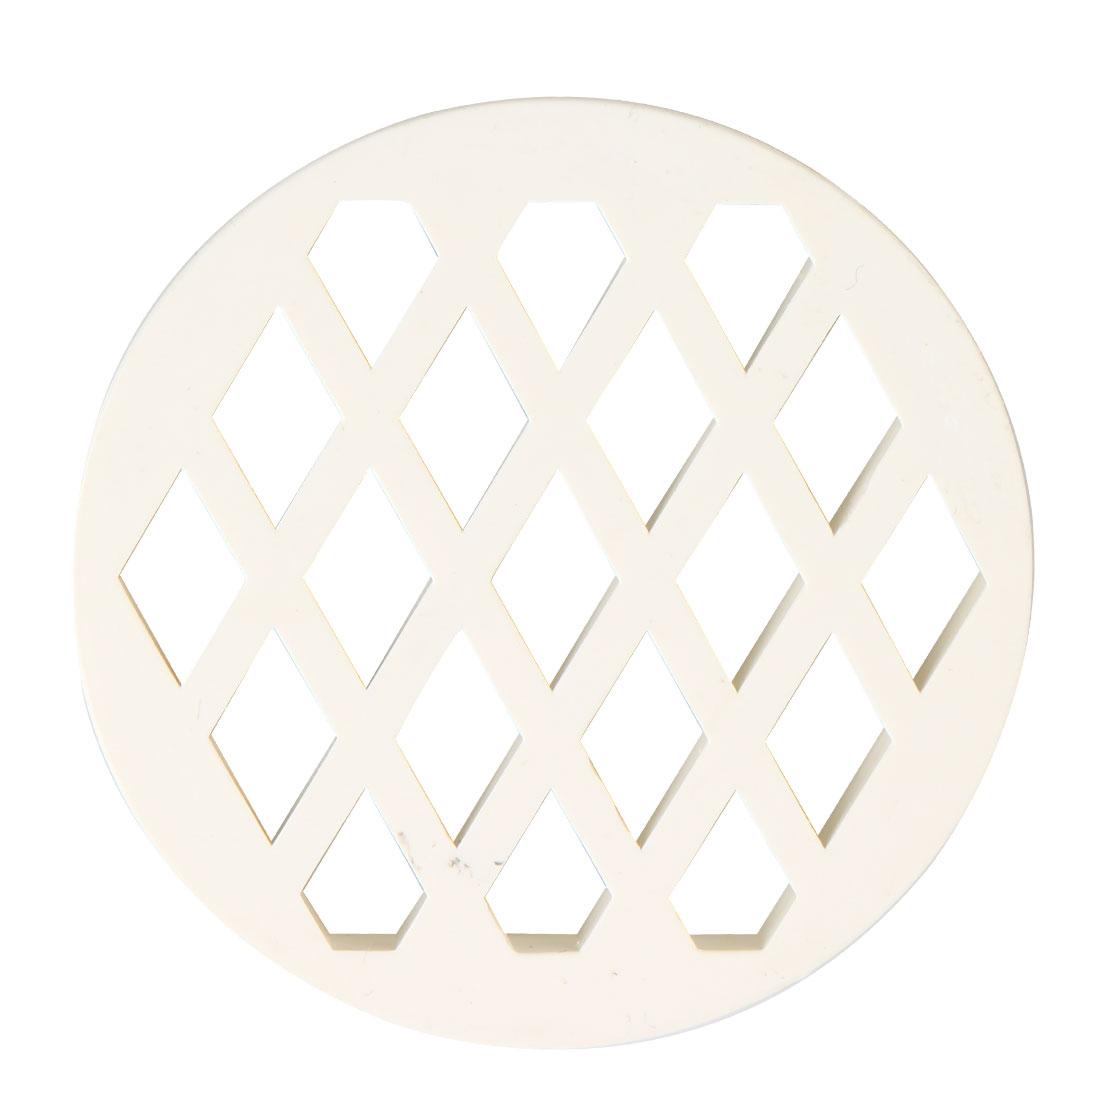 """2.64"""" Floor Drain Cover Hair Catcher Sinks Stopper Strainer Bathroom Kitchen"""